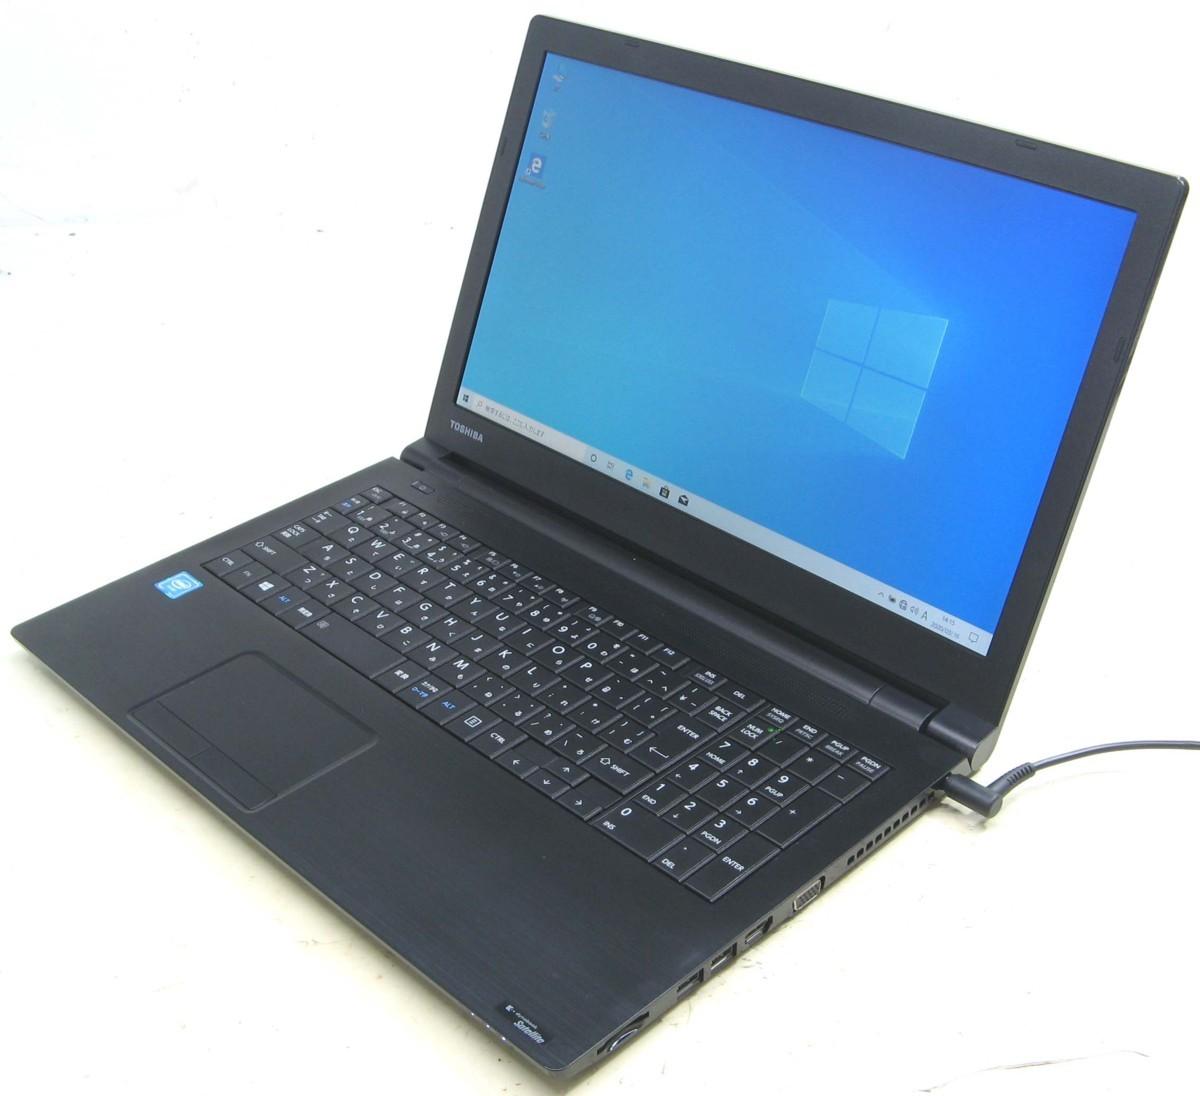 中古 パソコン ノート 東芝 dynabook B35/R PB35RNAD4R3AD81 Windows10 メモリ4GB HDD500GB 15.6インチ 15.6型 液晶 HDMI 無線 ワイヤレス Bluetooth ダイナブック 中古 ノートPC 【中古】